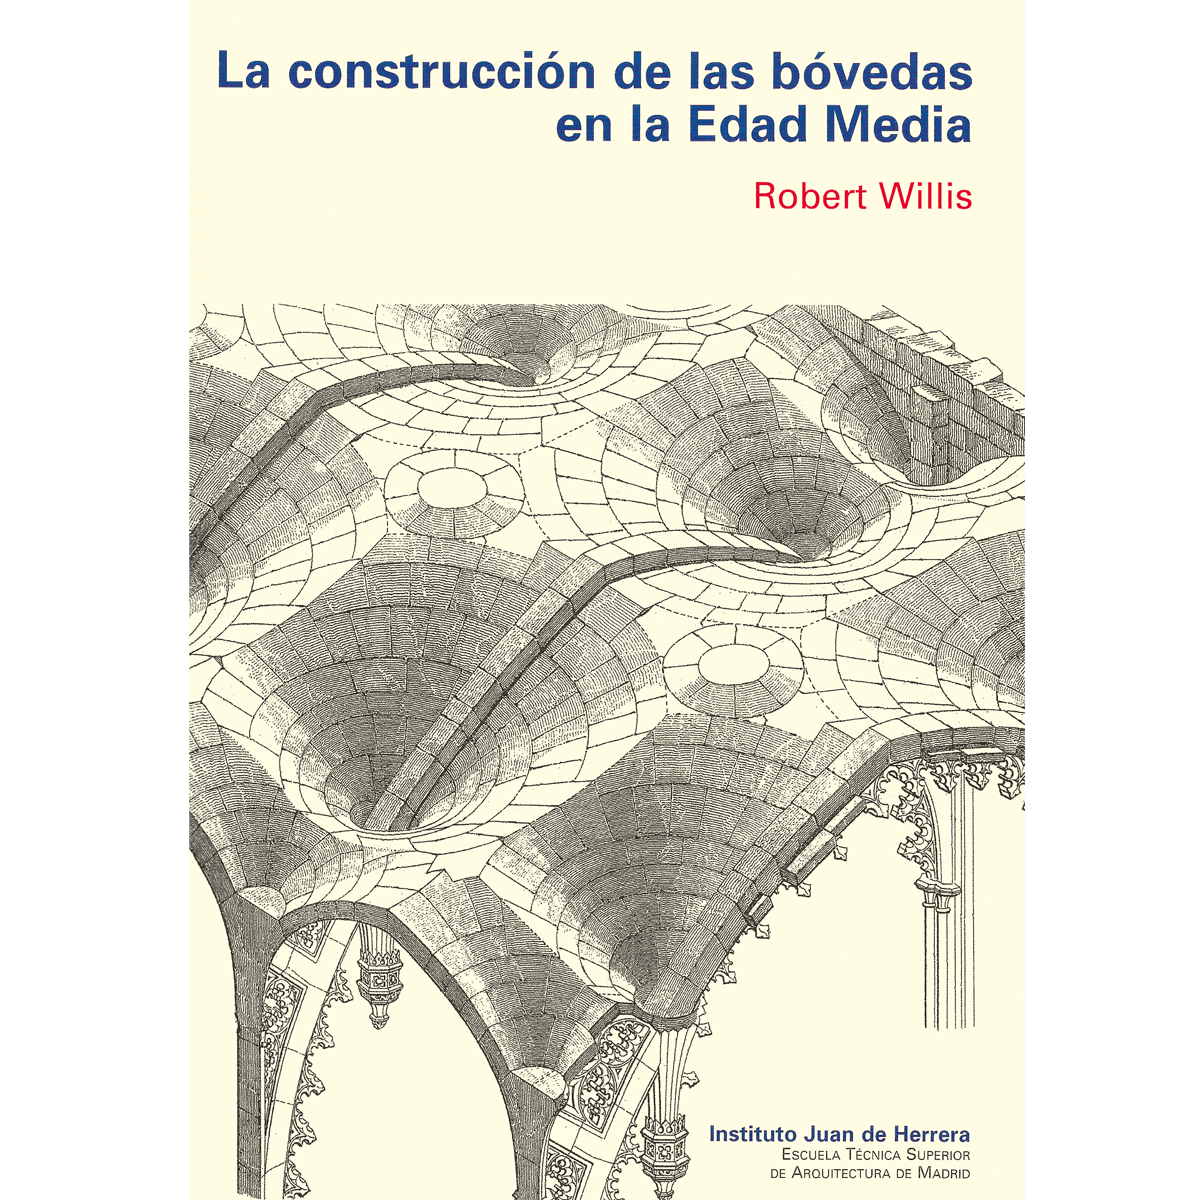 La construcción de las bóvedas  en la Edad Media